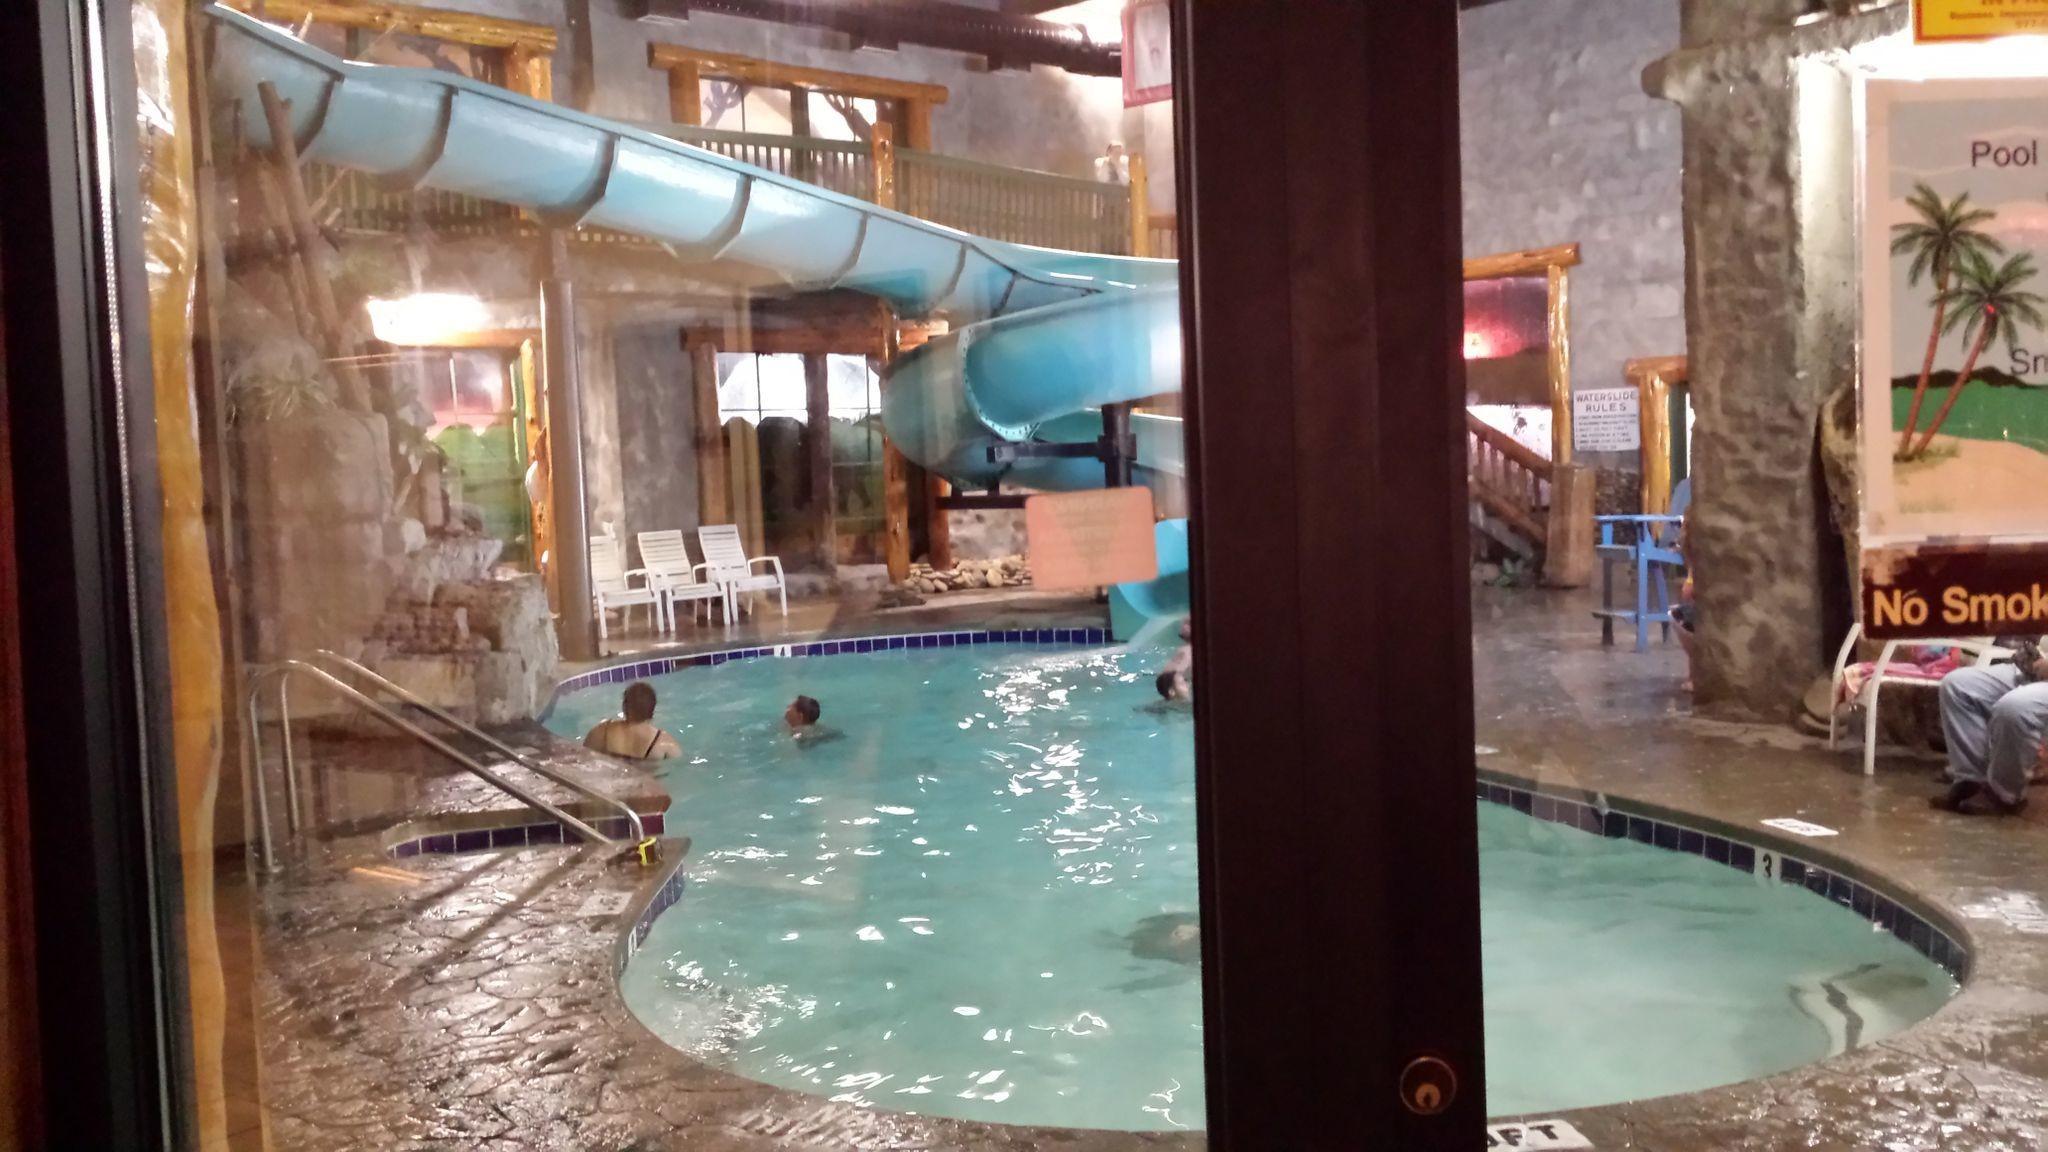 inside waterslide yeeeaaaa!